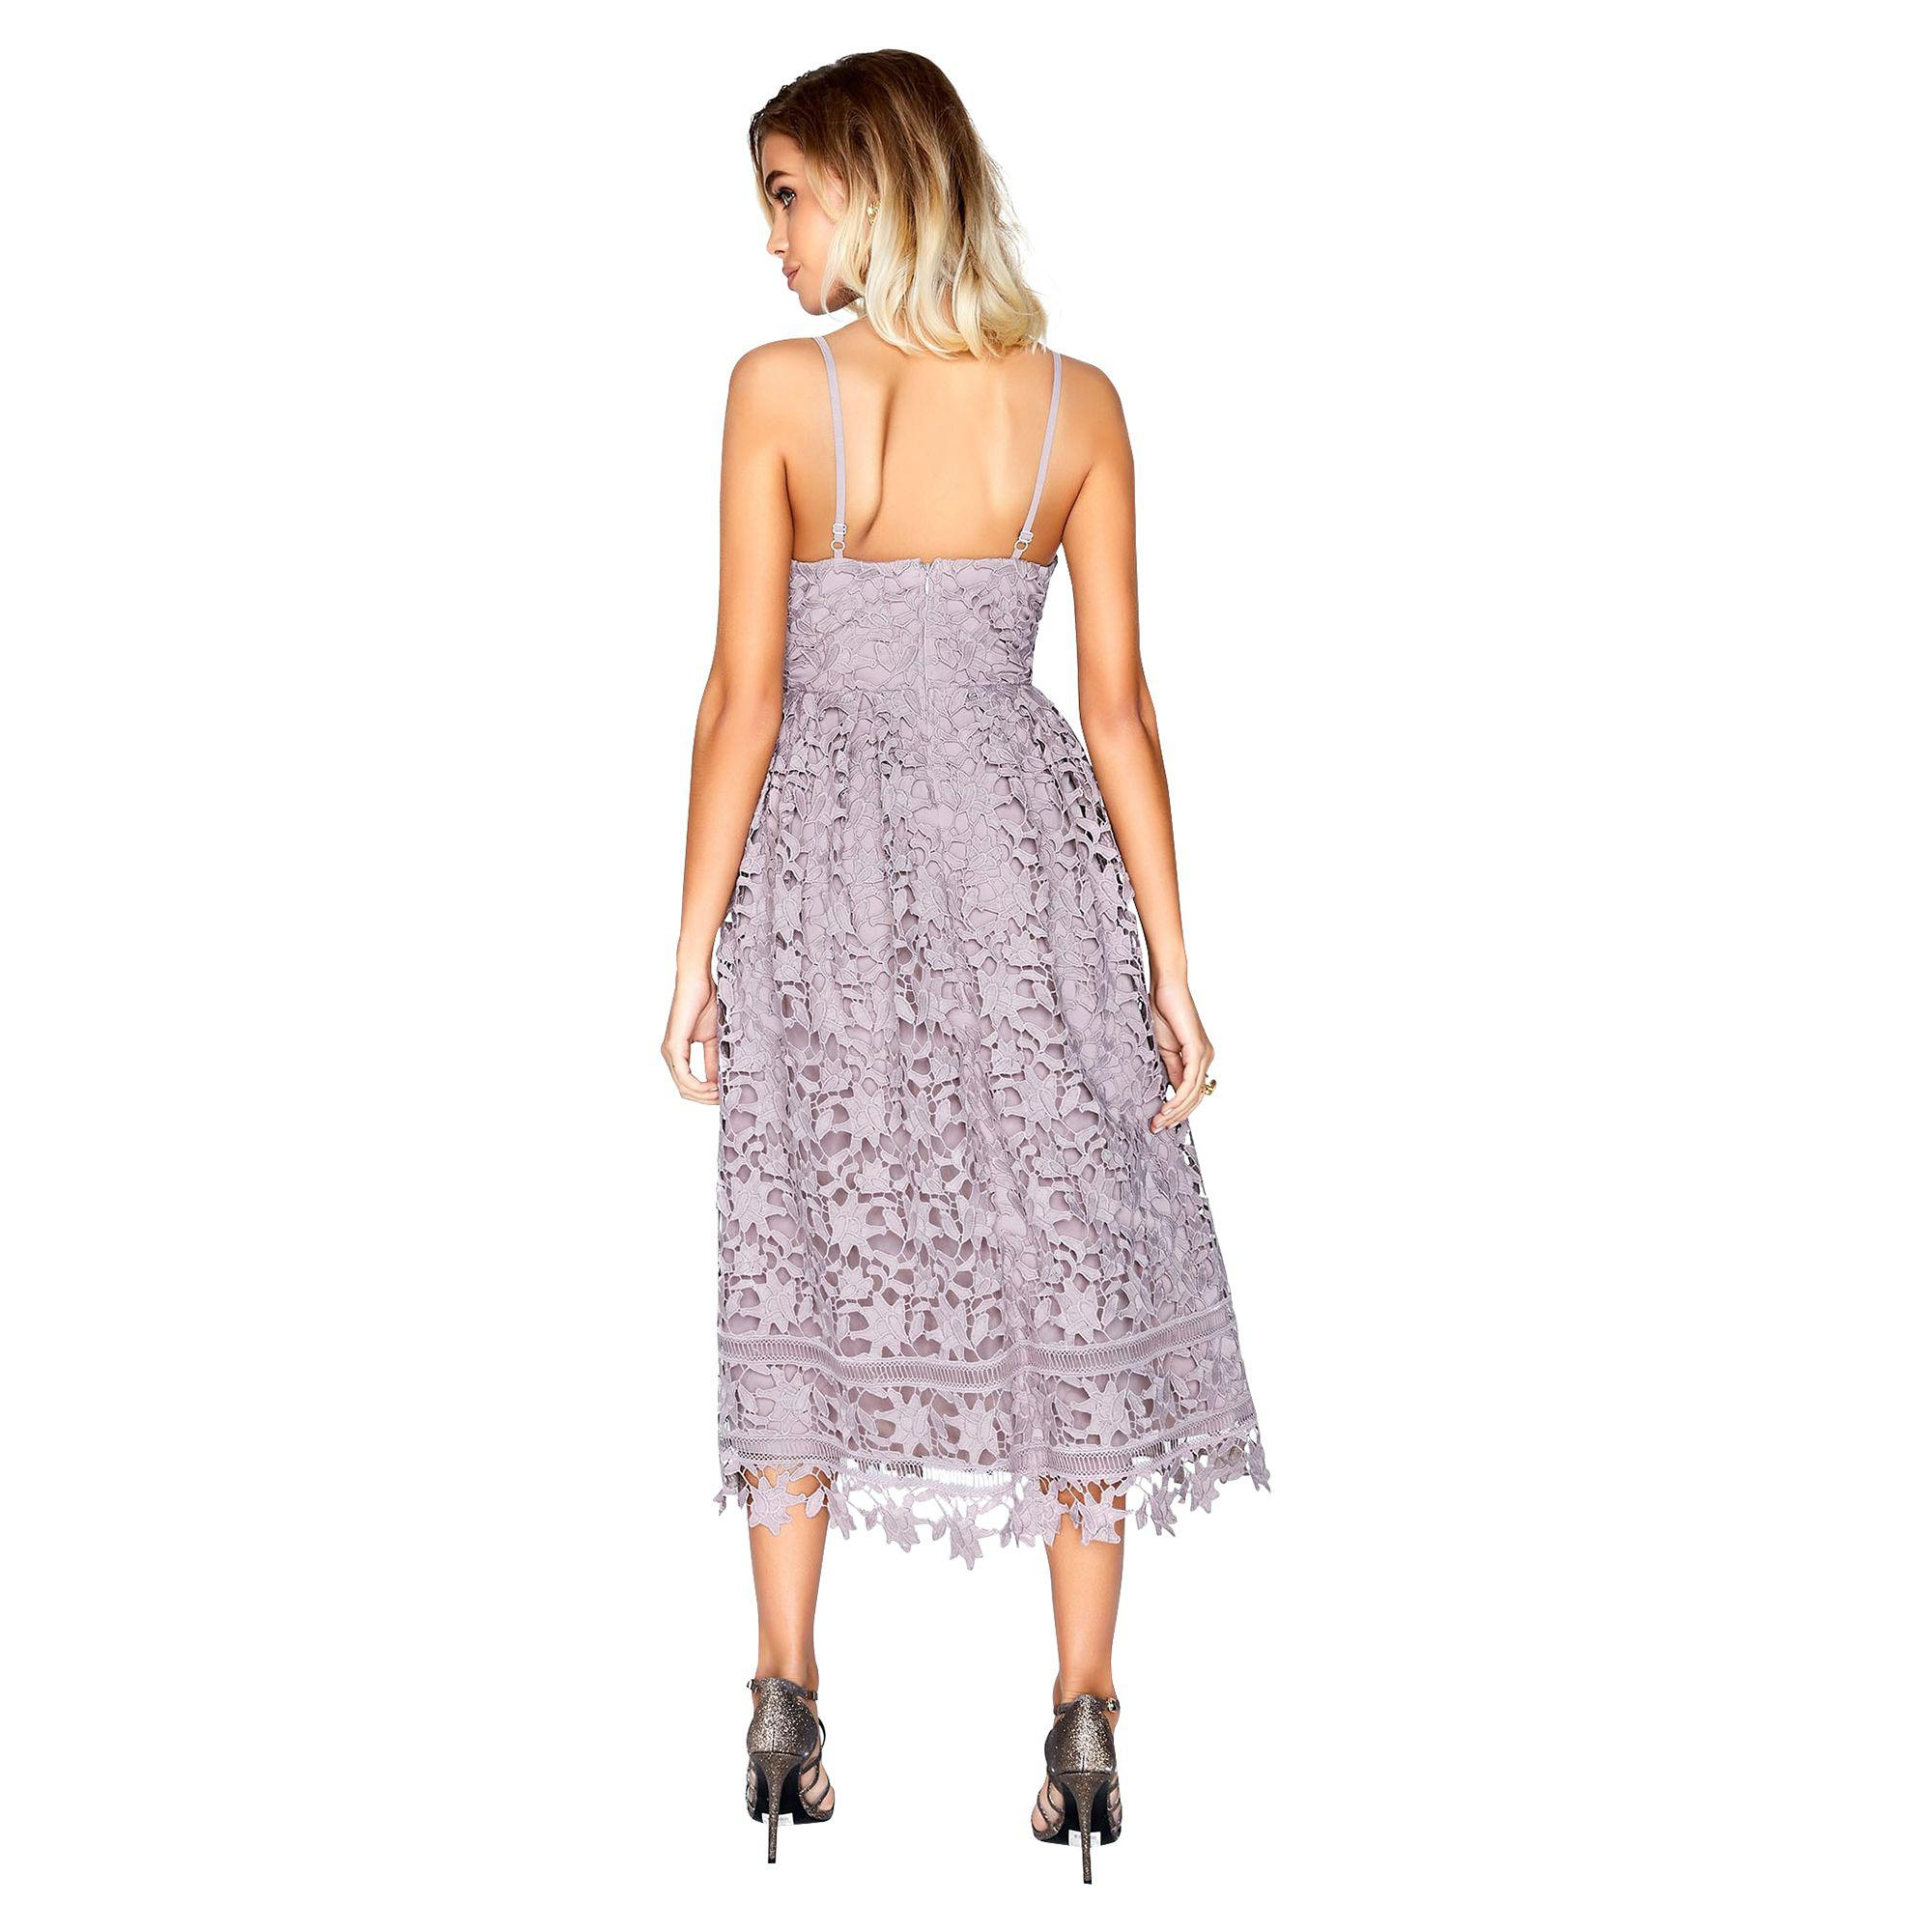 bb033772f76be Little Mistress Oyster Midi Dress in Purple - Lyst